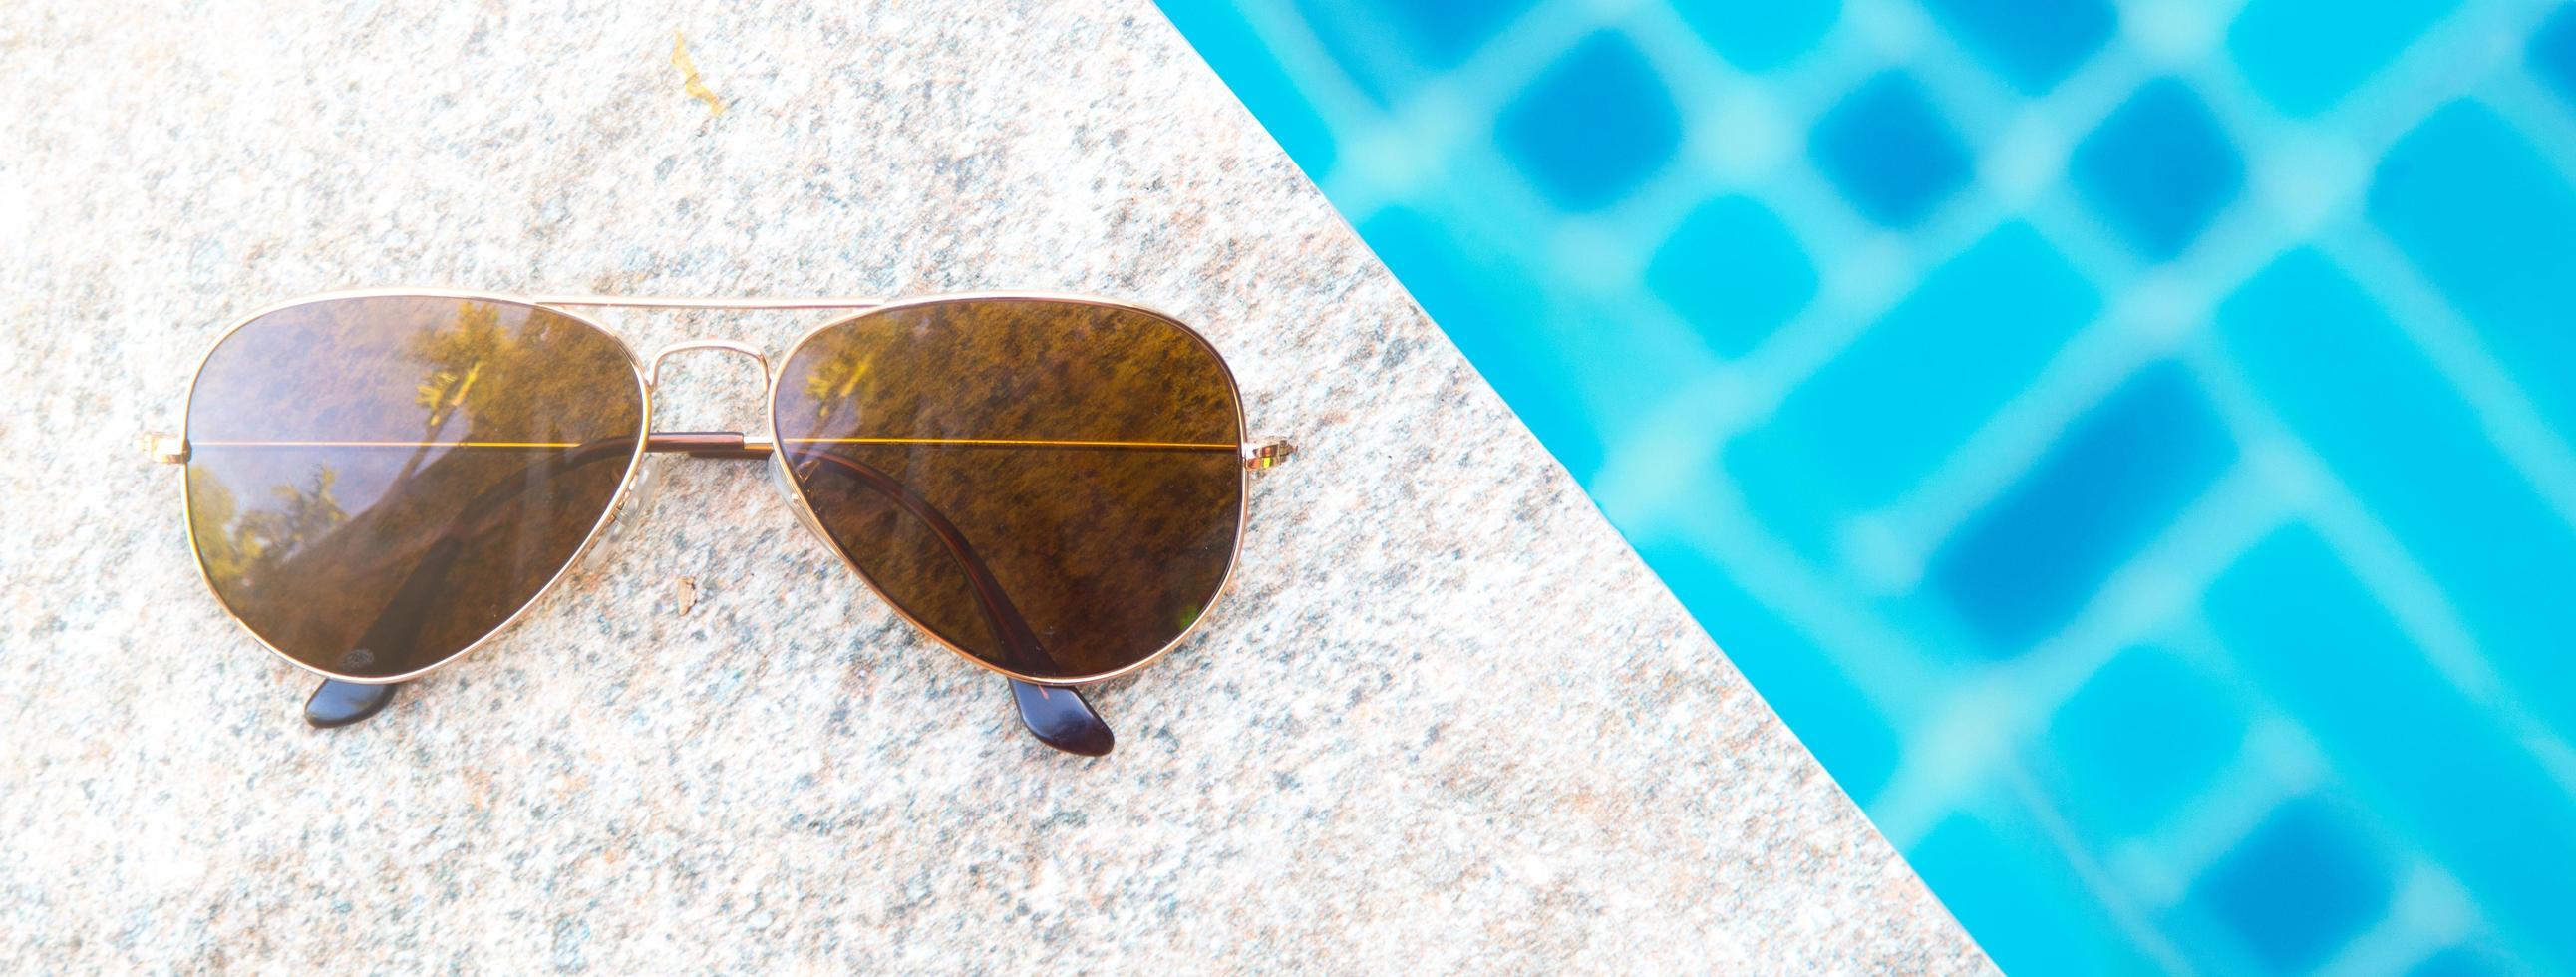 vista dall'alto vista di occhiali da sole a bordo piscina foto